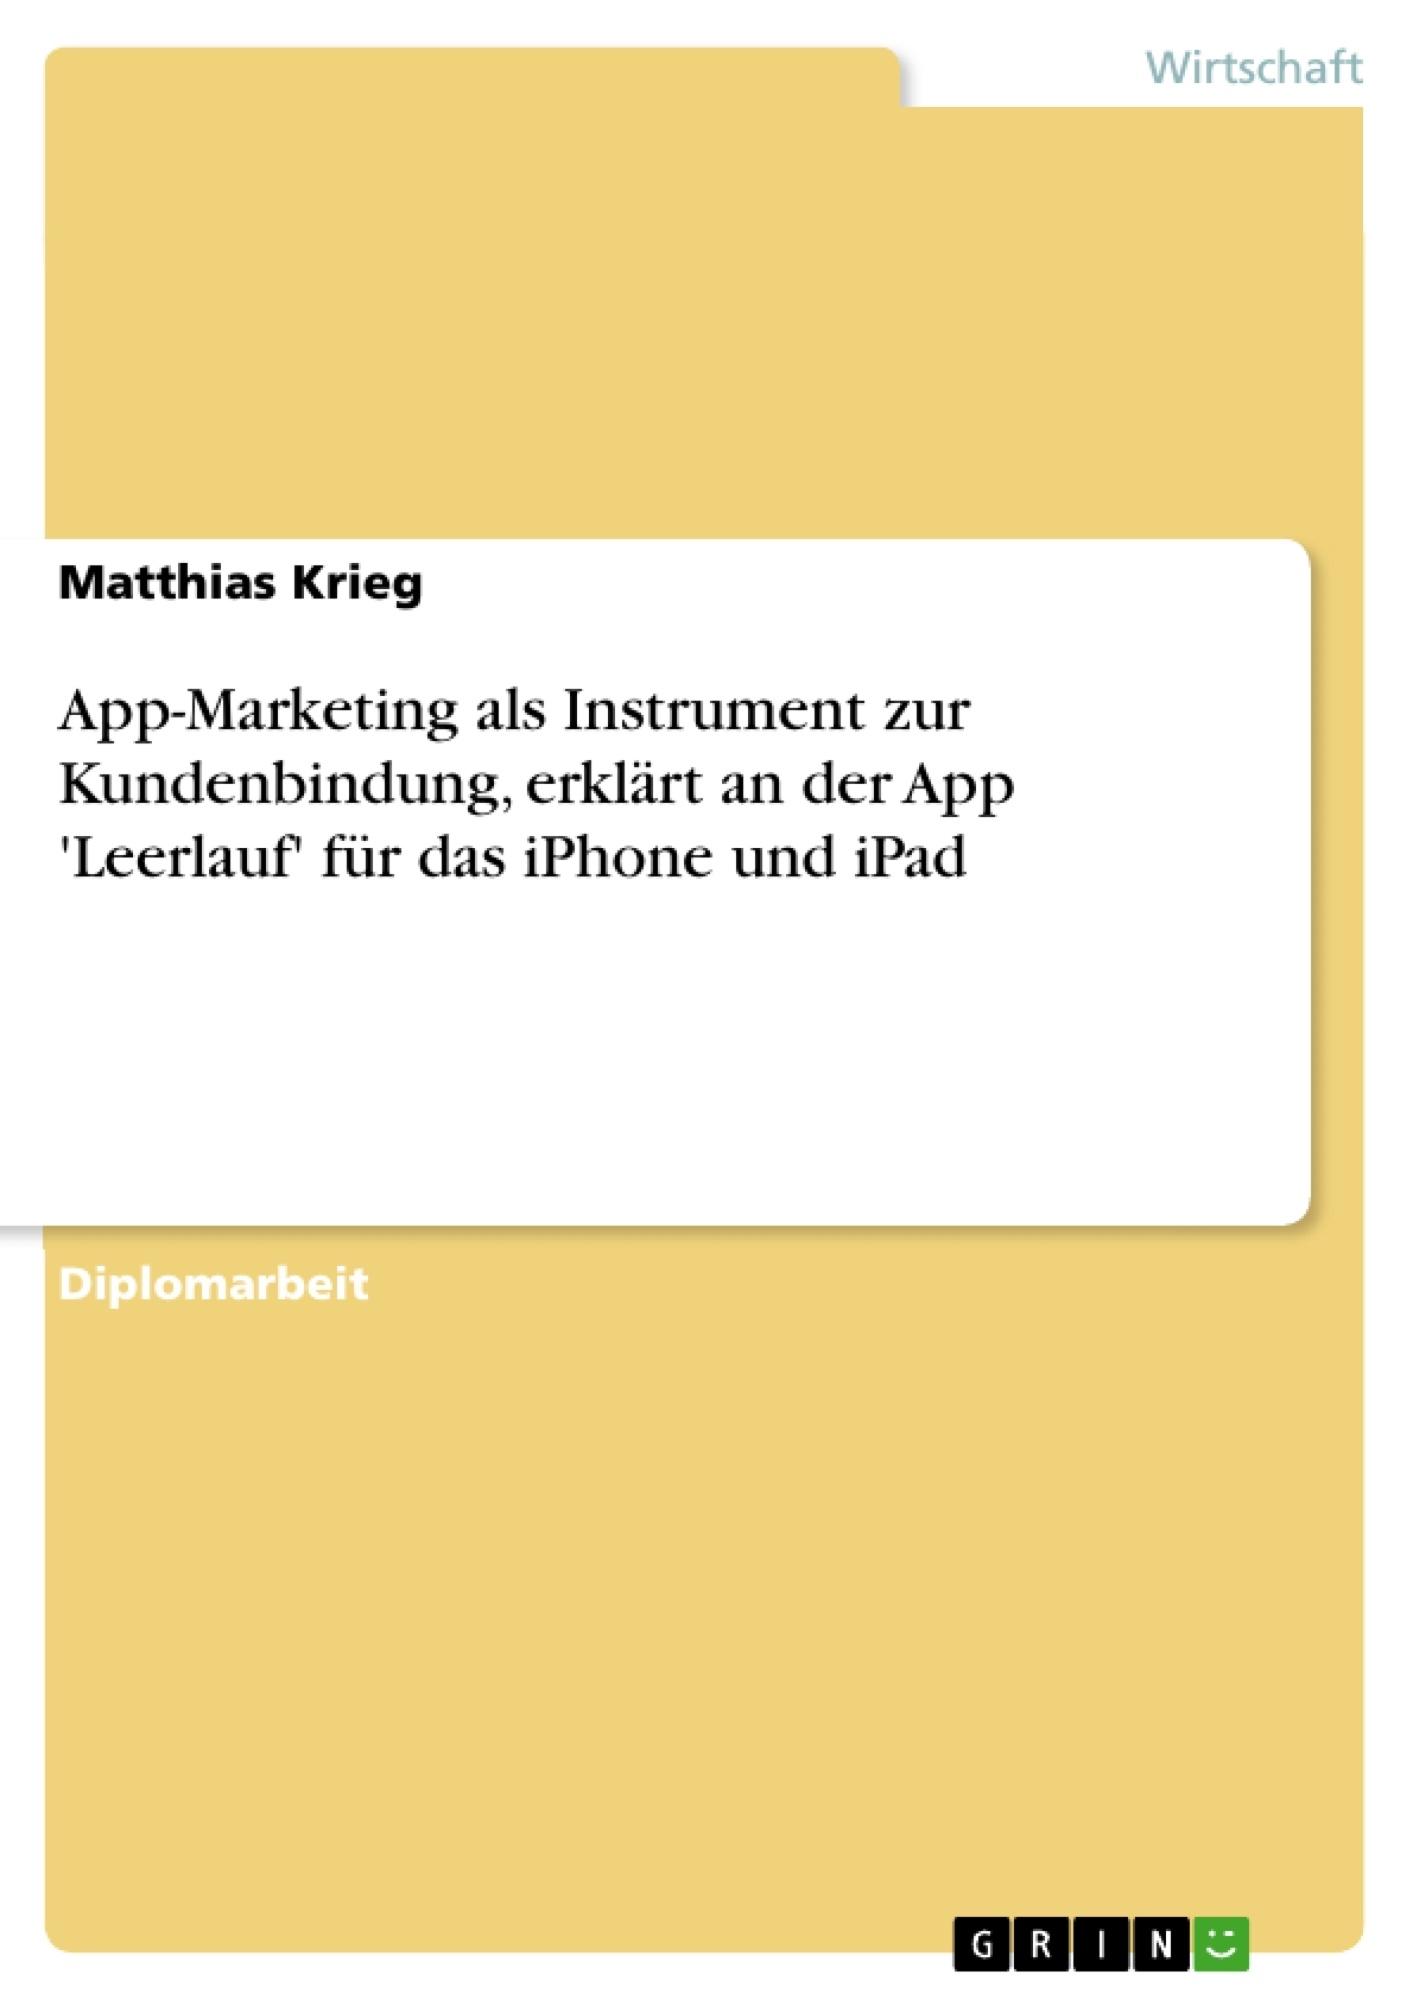 Titel: App-Marketing als Instrument zur Kundenbindung, erklärt an der App 'Leerlauf' für das iPhone und iPad